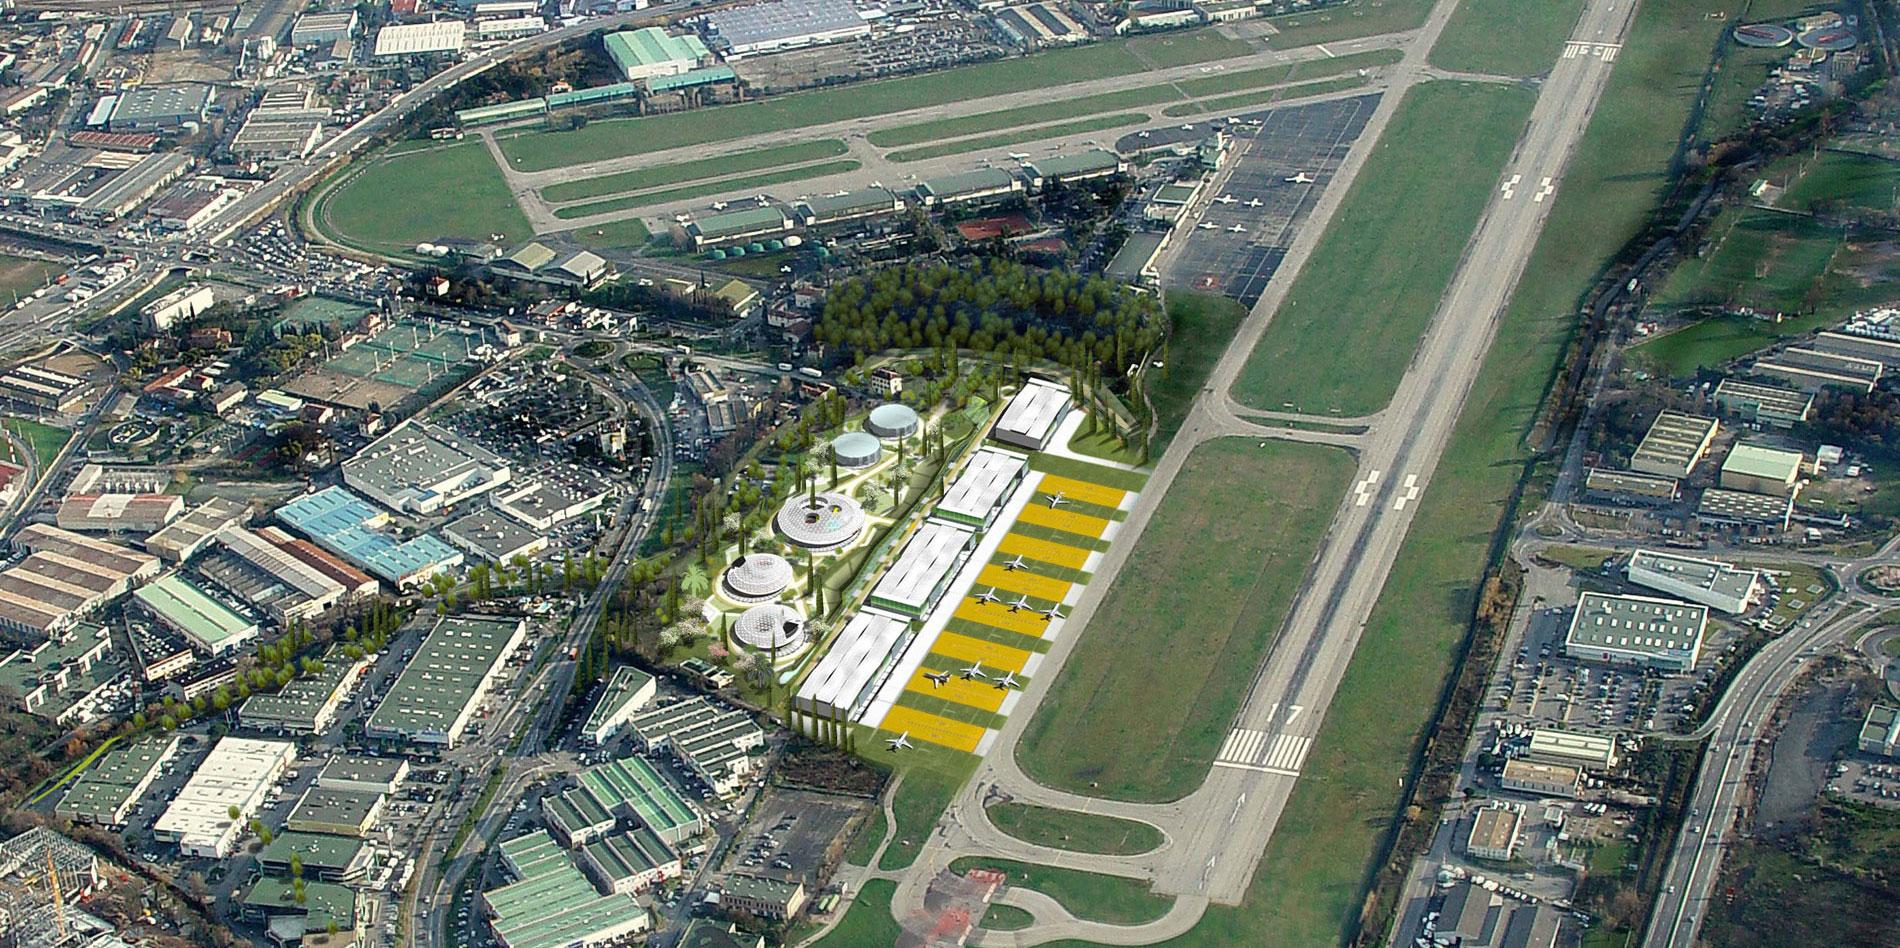 Aaupc Patrick Chavannes Cannes Airport